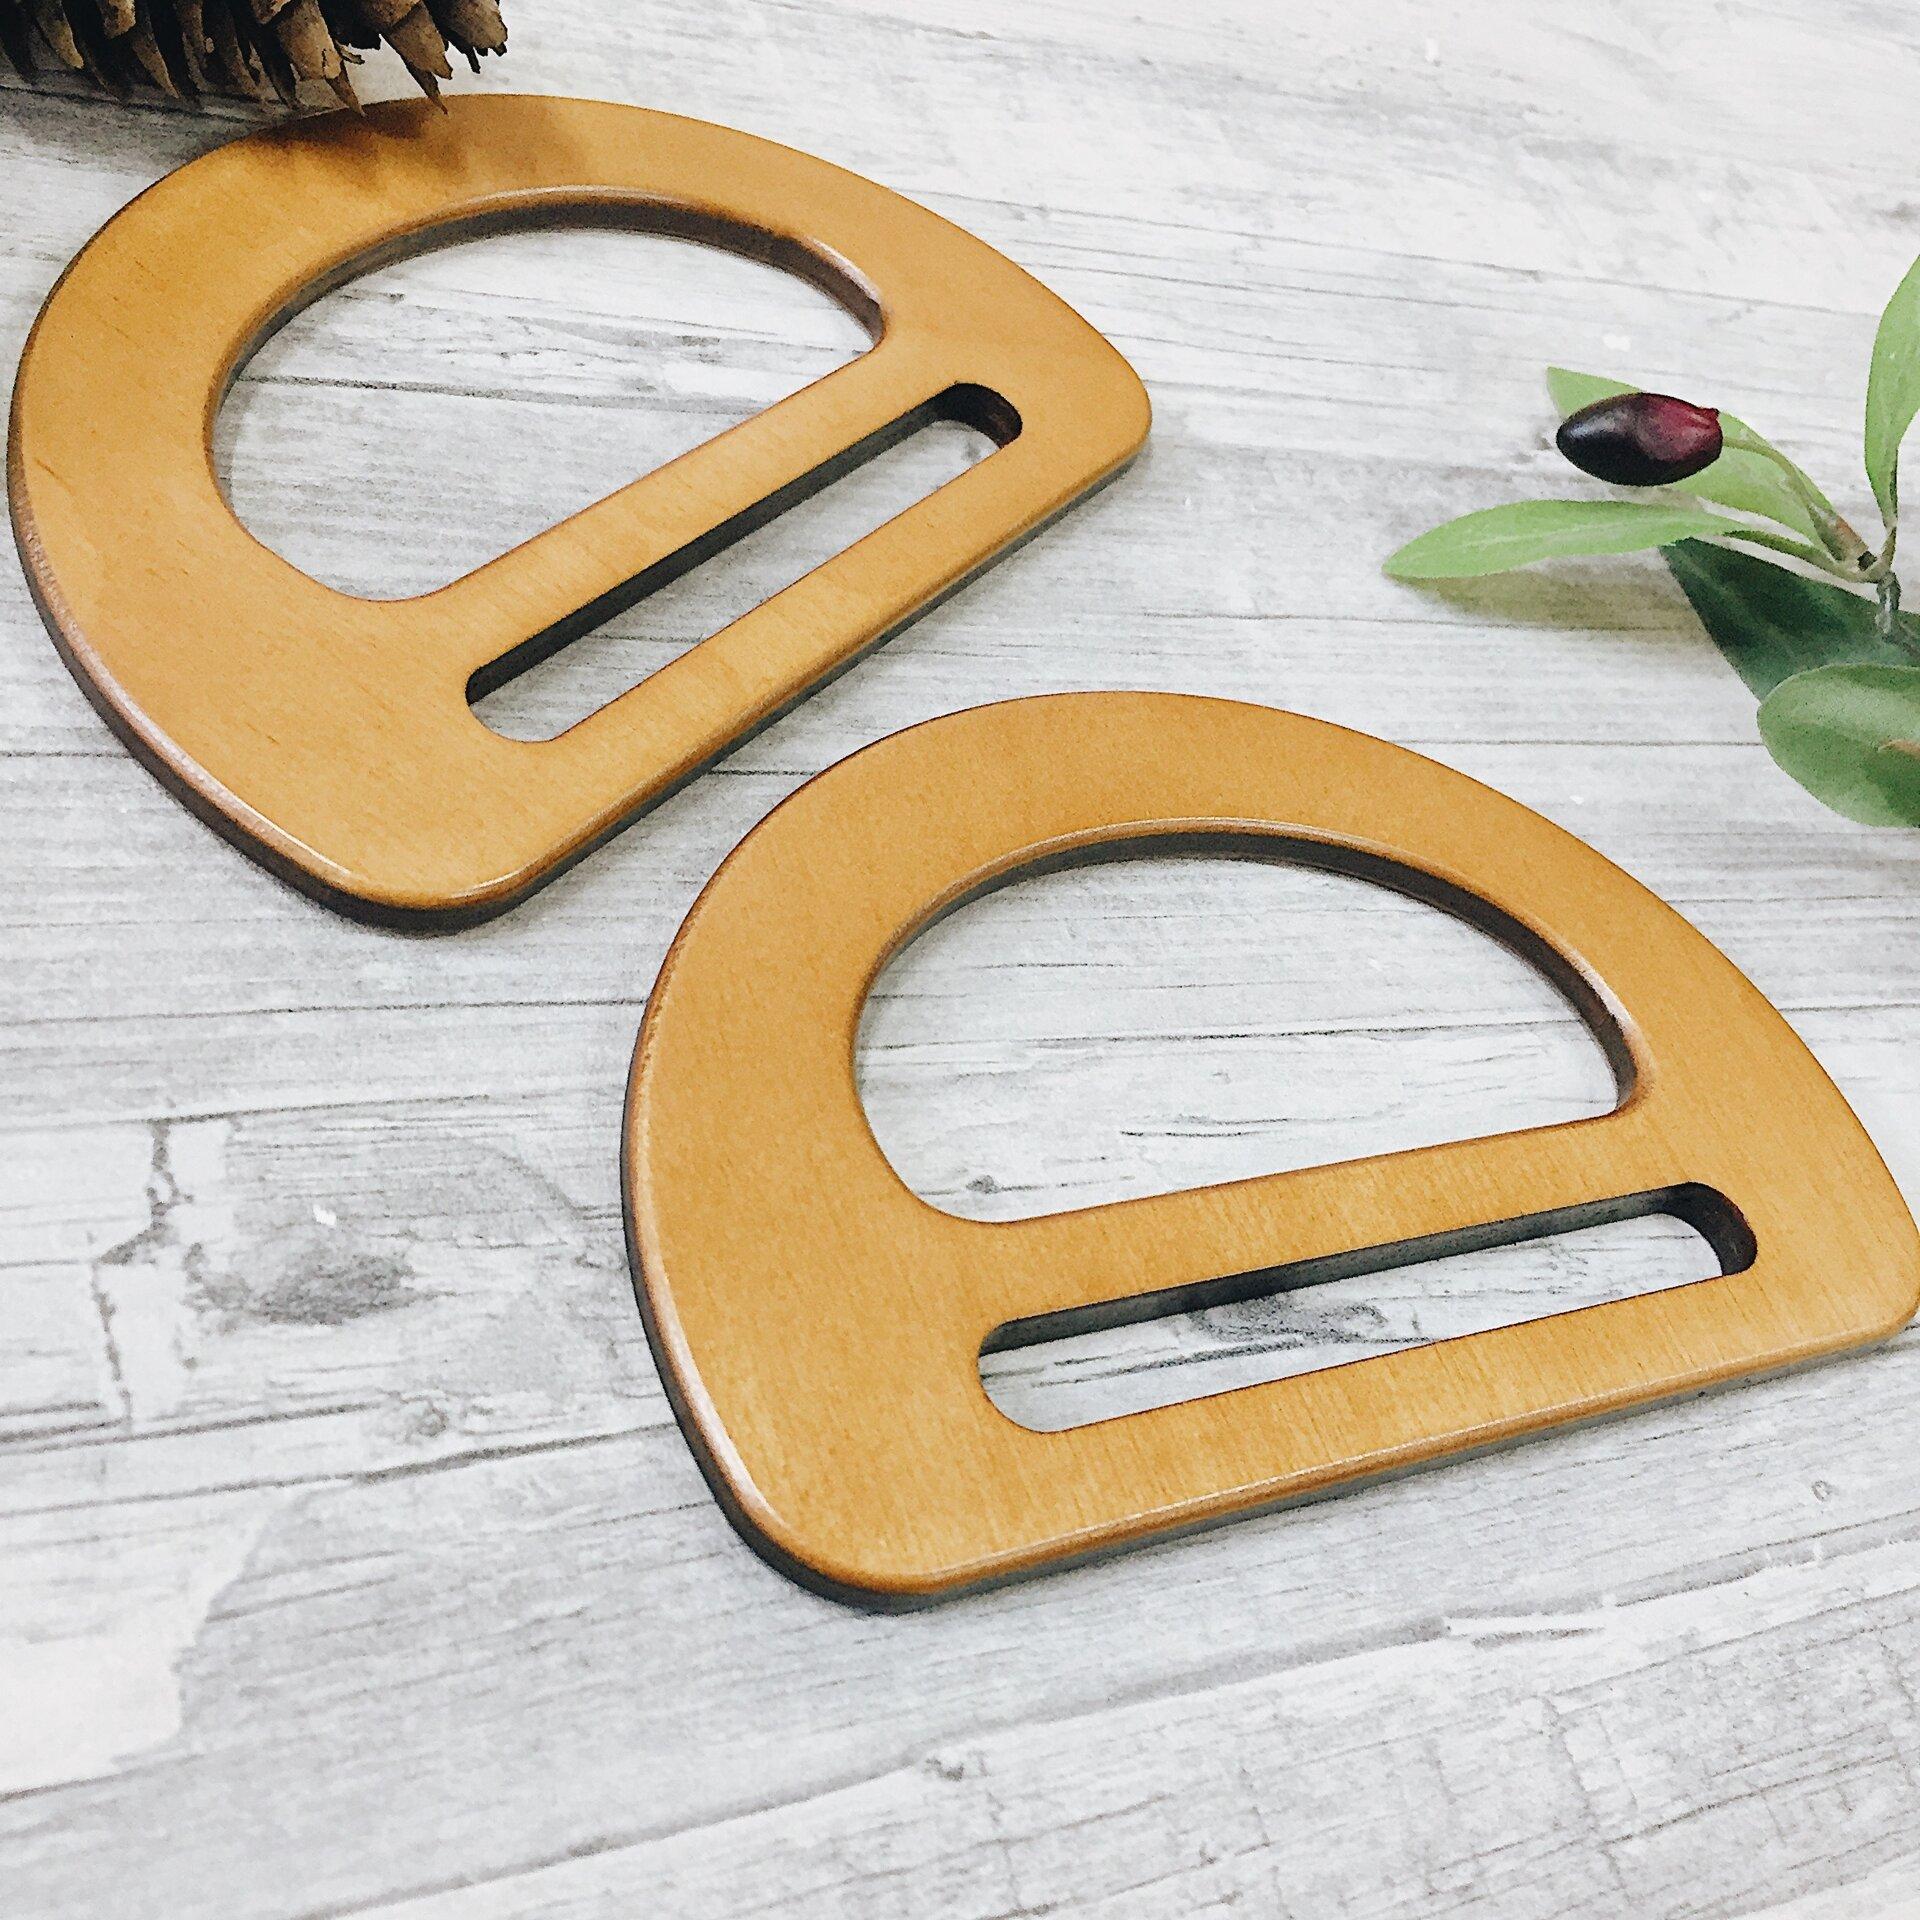 Деревянные ручки для вязаных сумок, полукруг с прямым отверстием, дуб - фото pic_327606559001cc221684b6a33c526c60_1920x9000_1.jpg